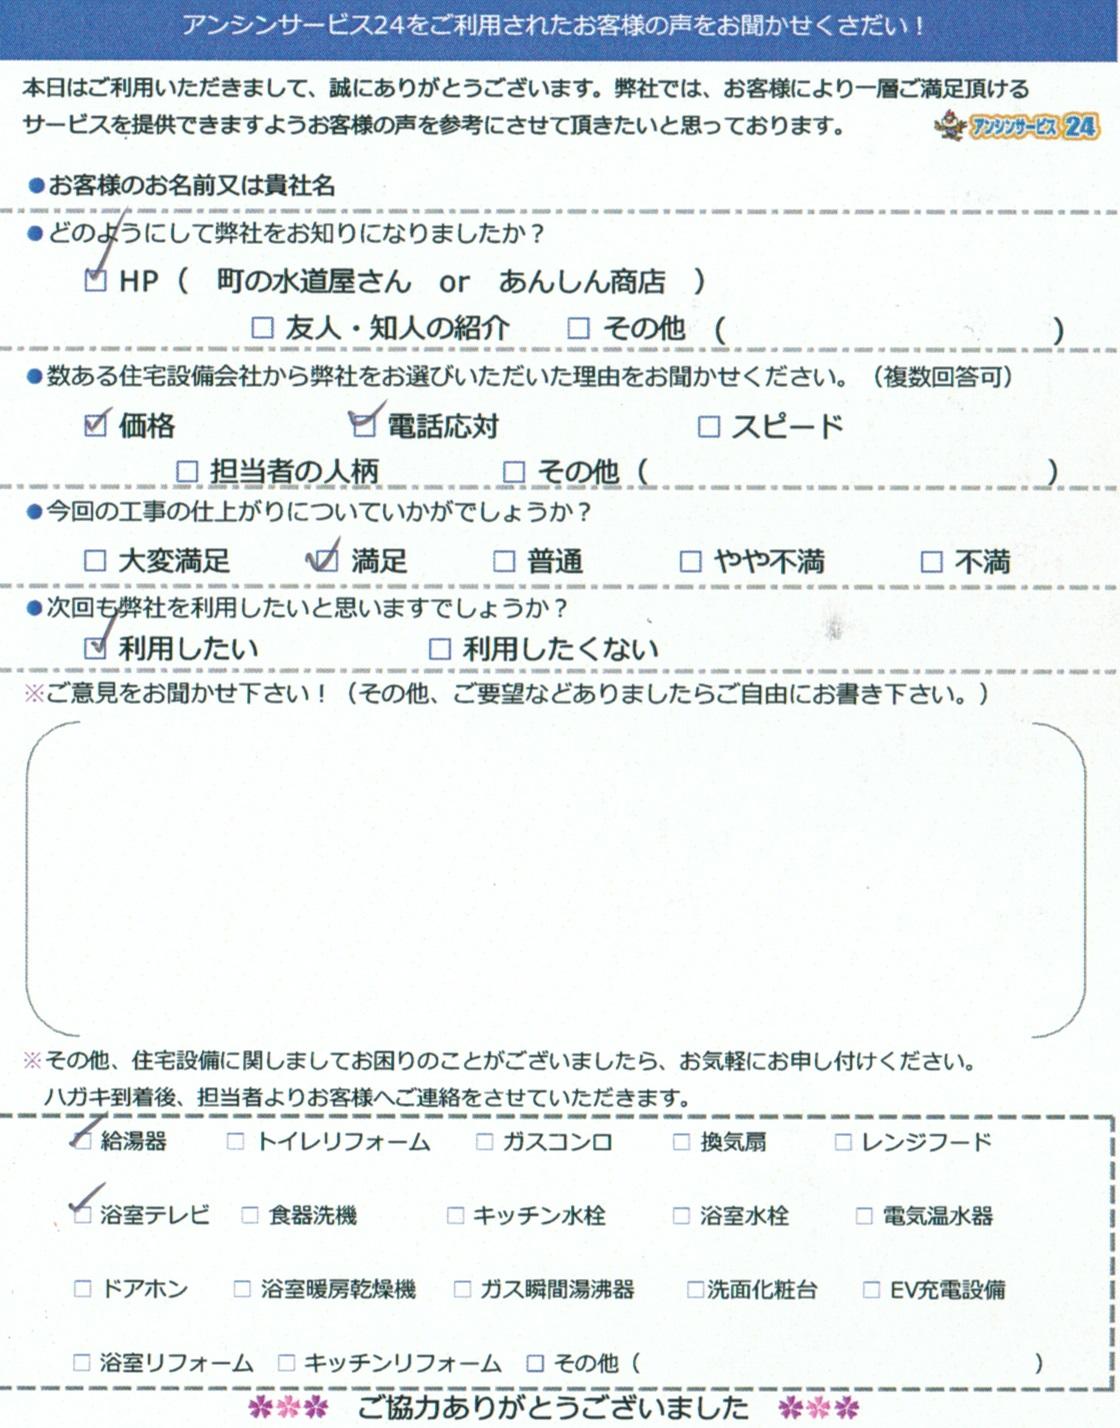 【ハガキ】愛知県岩倉市ガス給湯器・浴室テレビ・水栓同時取替工事お客様の声【アンシンサービス24】